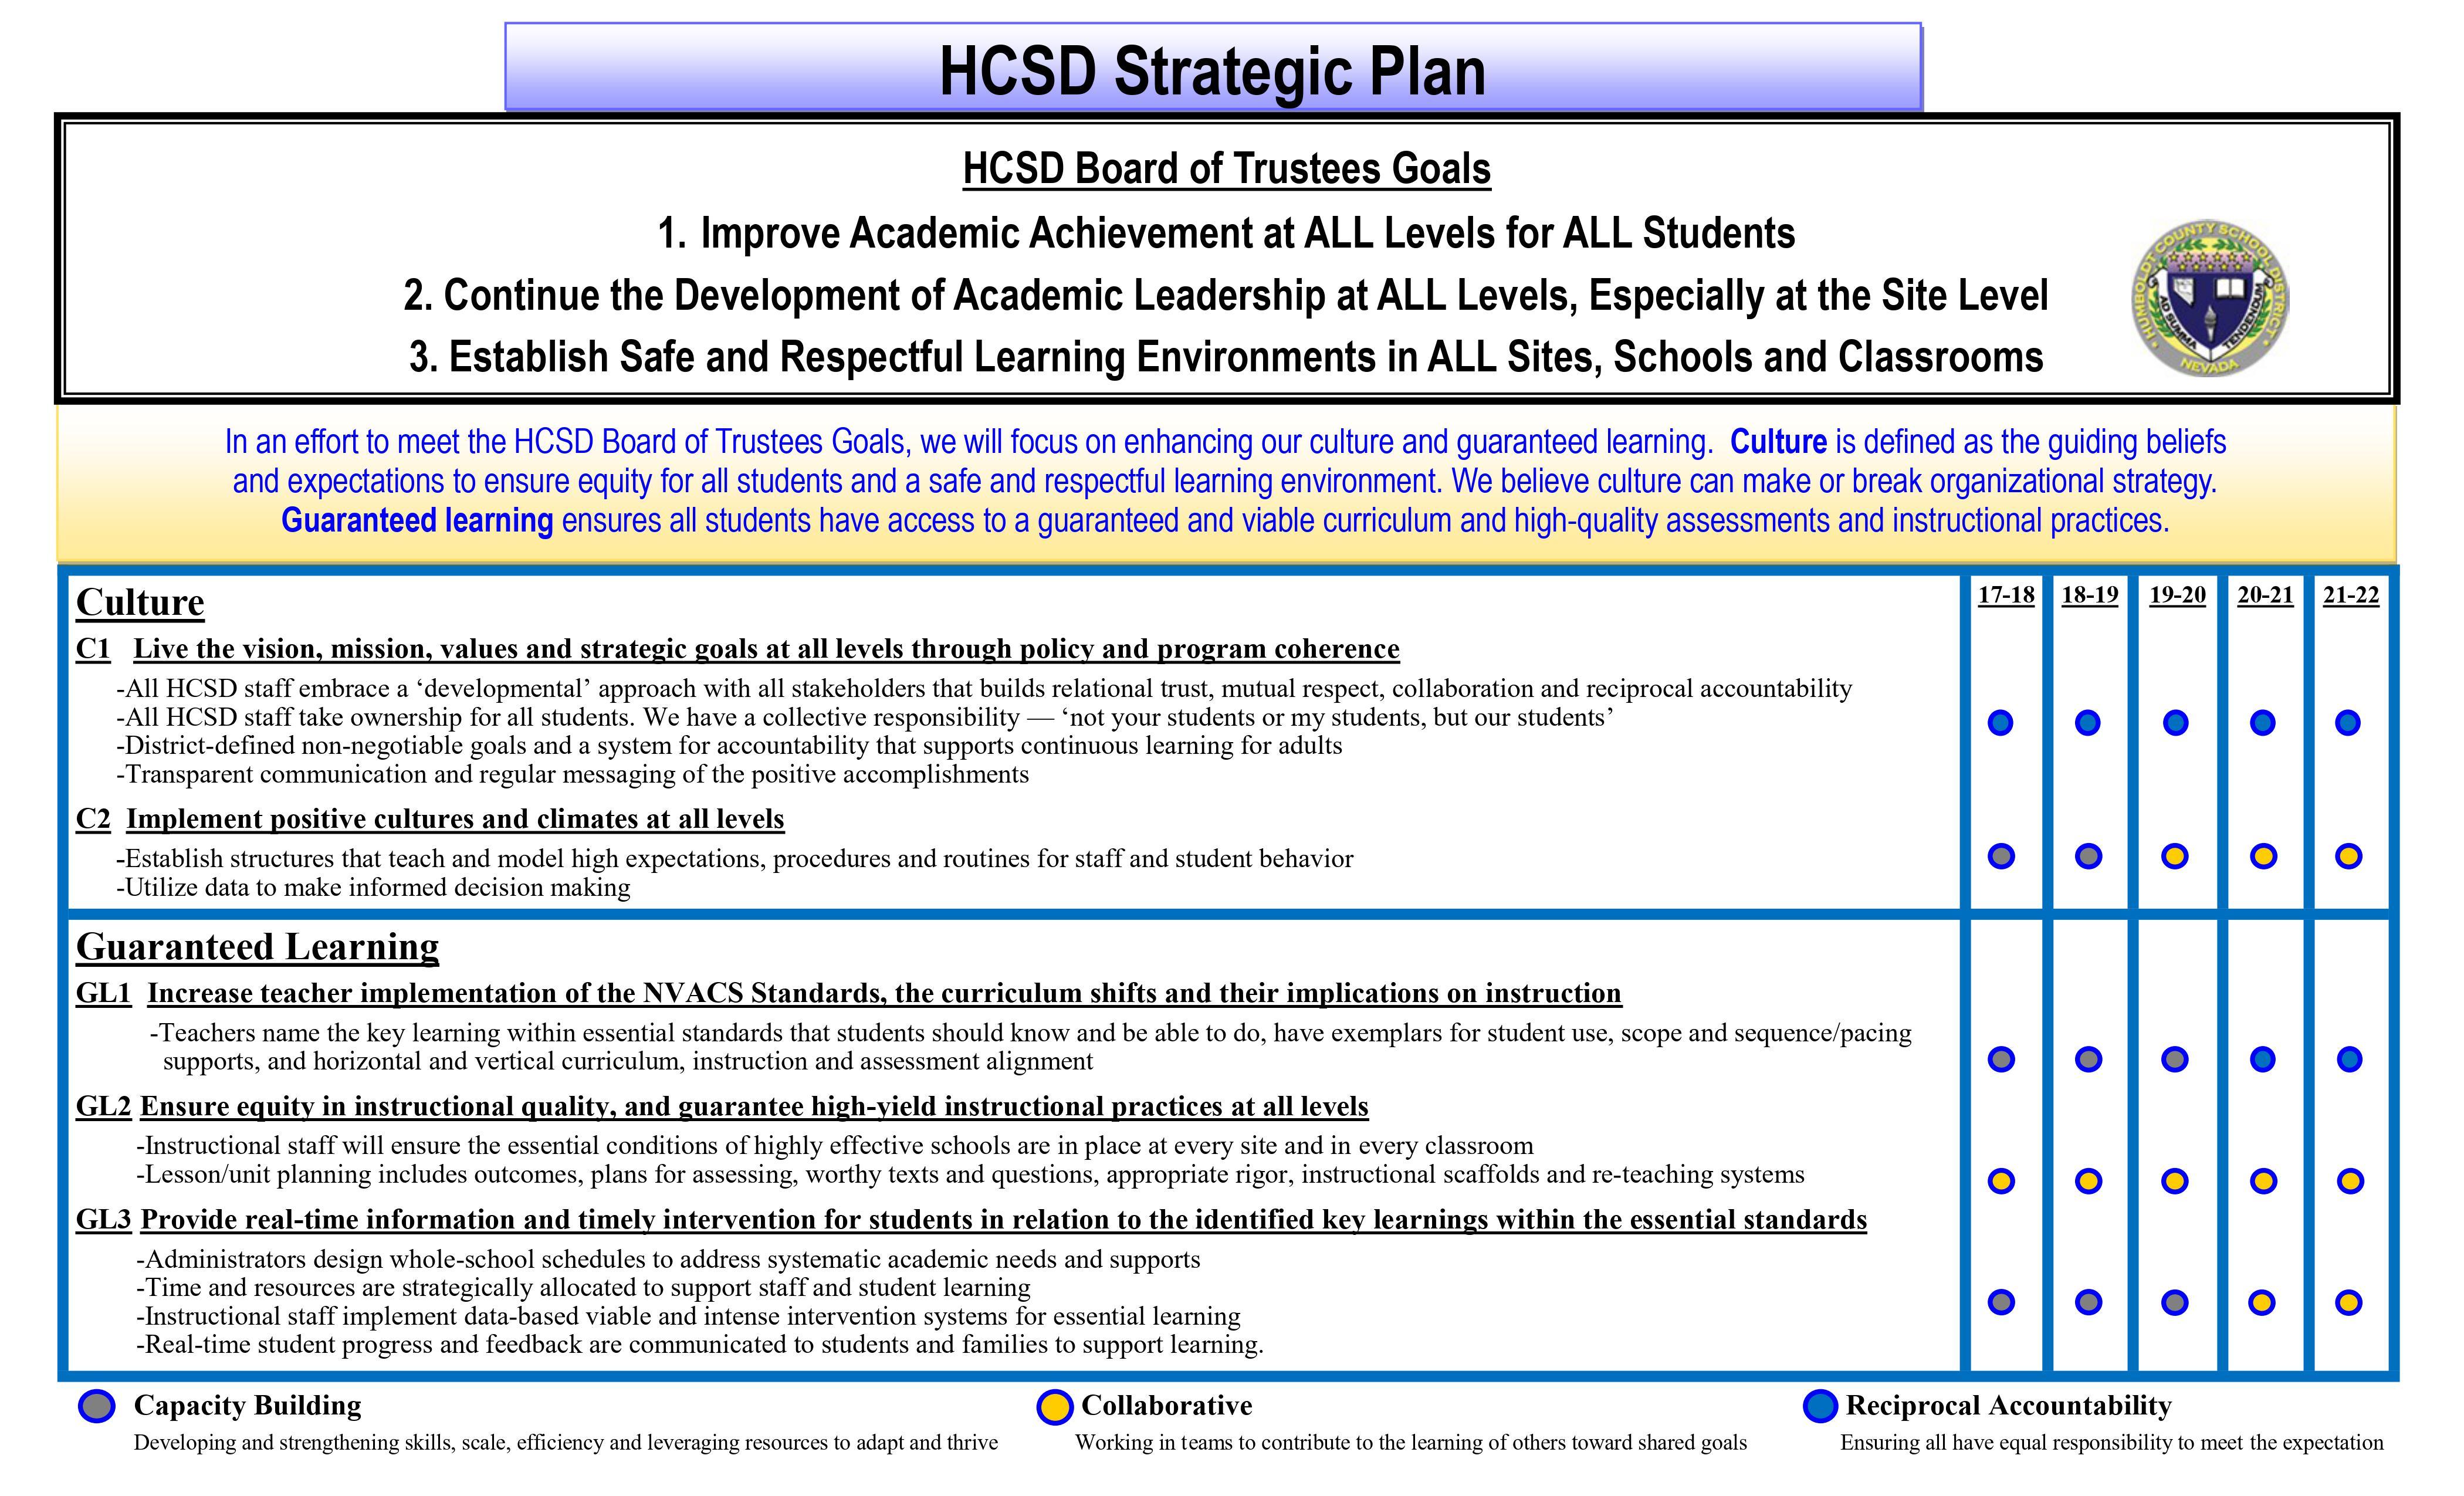 HCSD Board of Trustees Goals